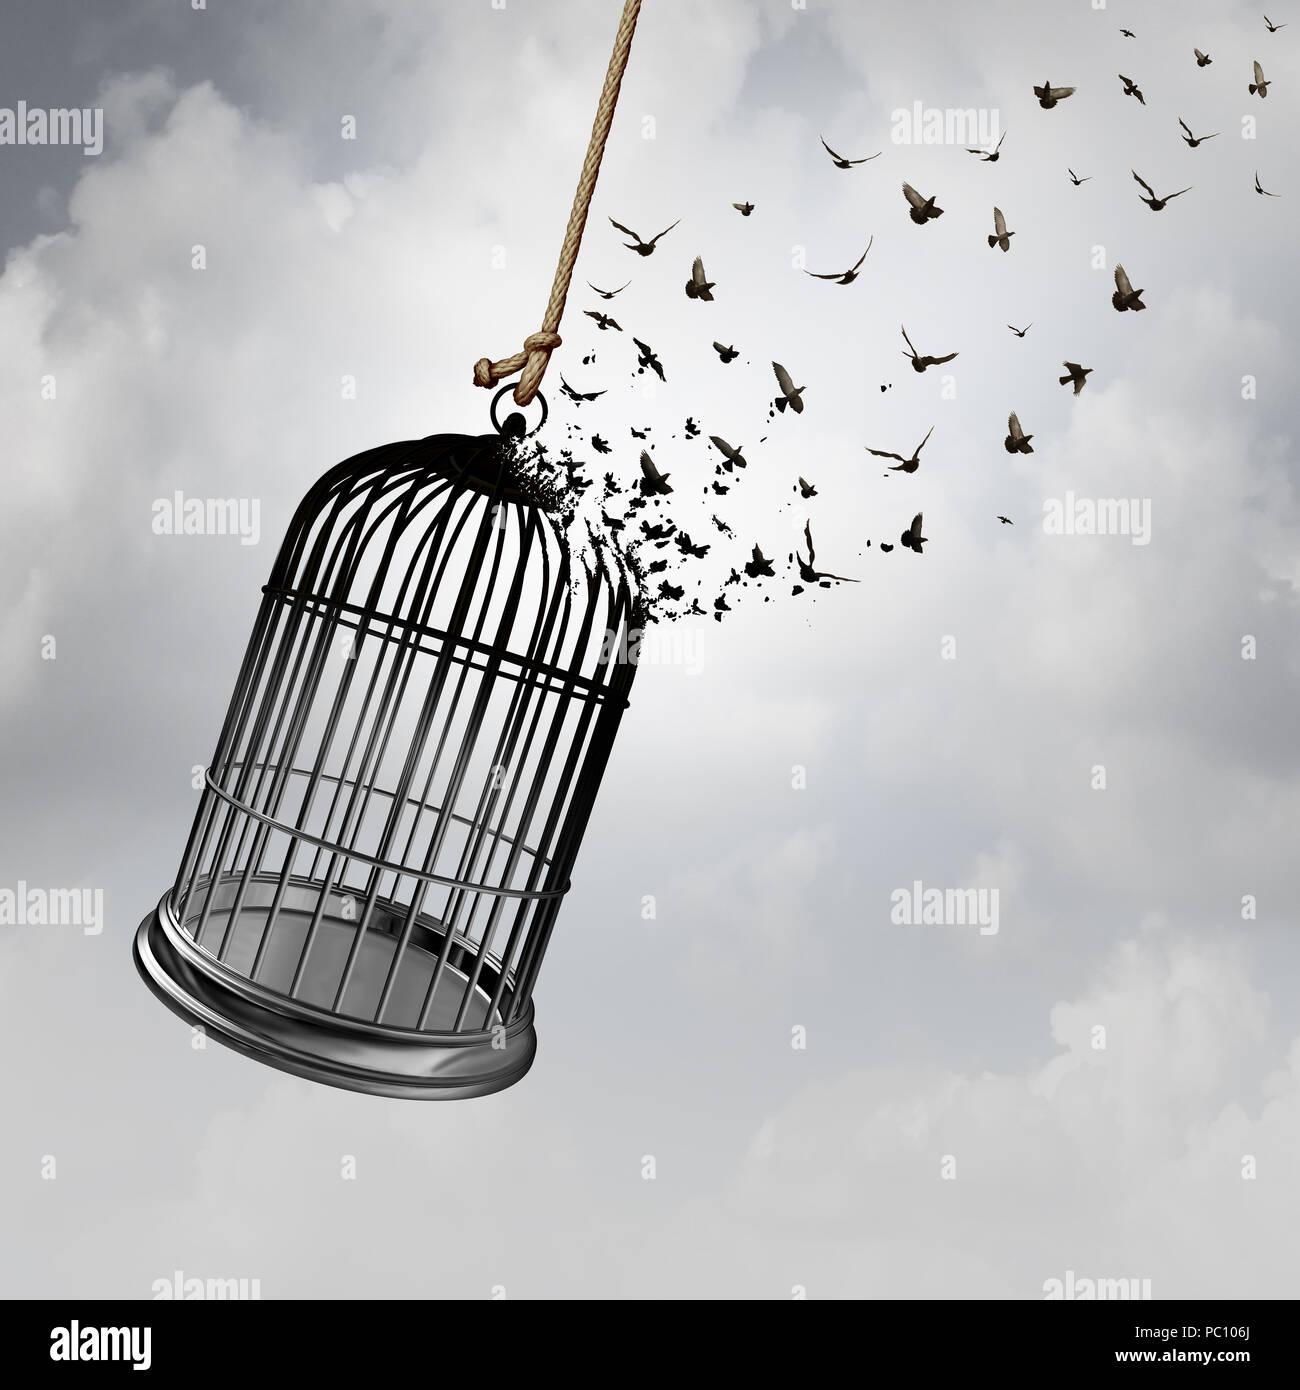 Die Idee mit einem Vogelkäfig drehen in fliegende Vögel als Gefangenschaft abstrakte Konzept mit 3D-rendering Elemente. Stockbild